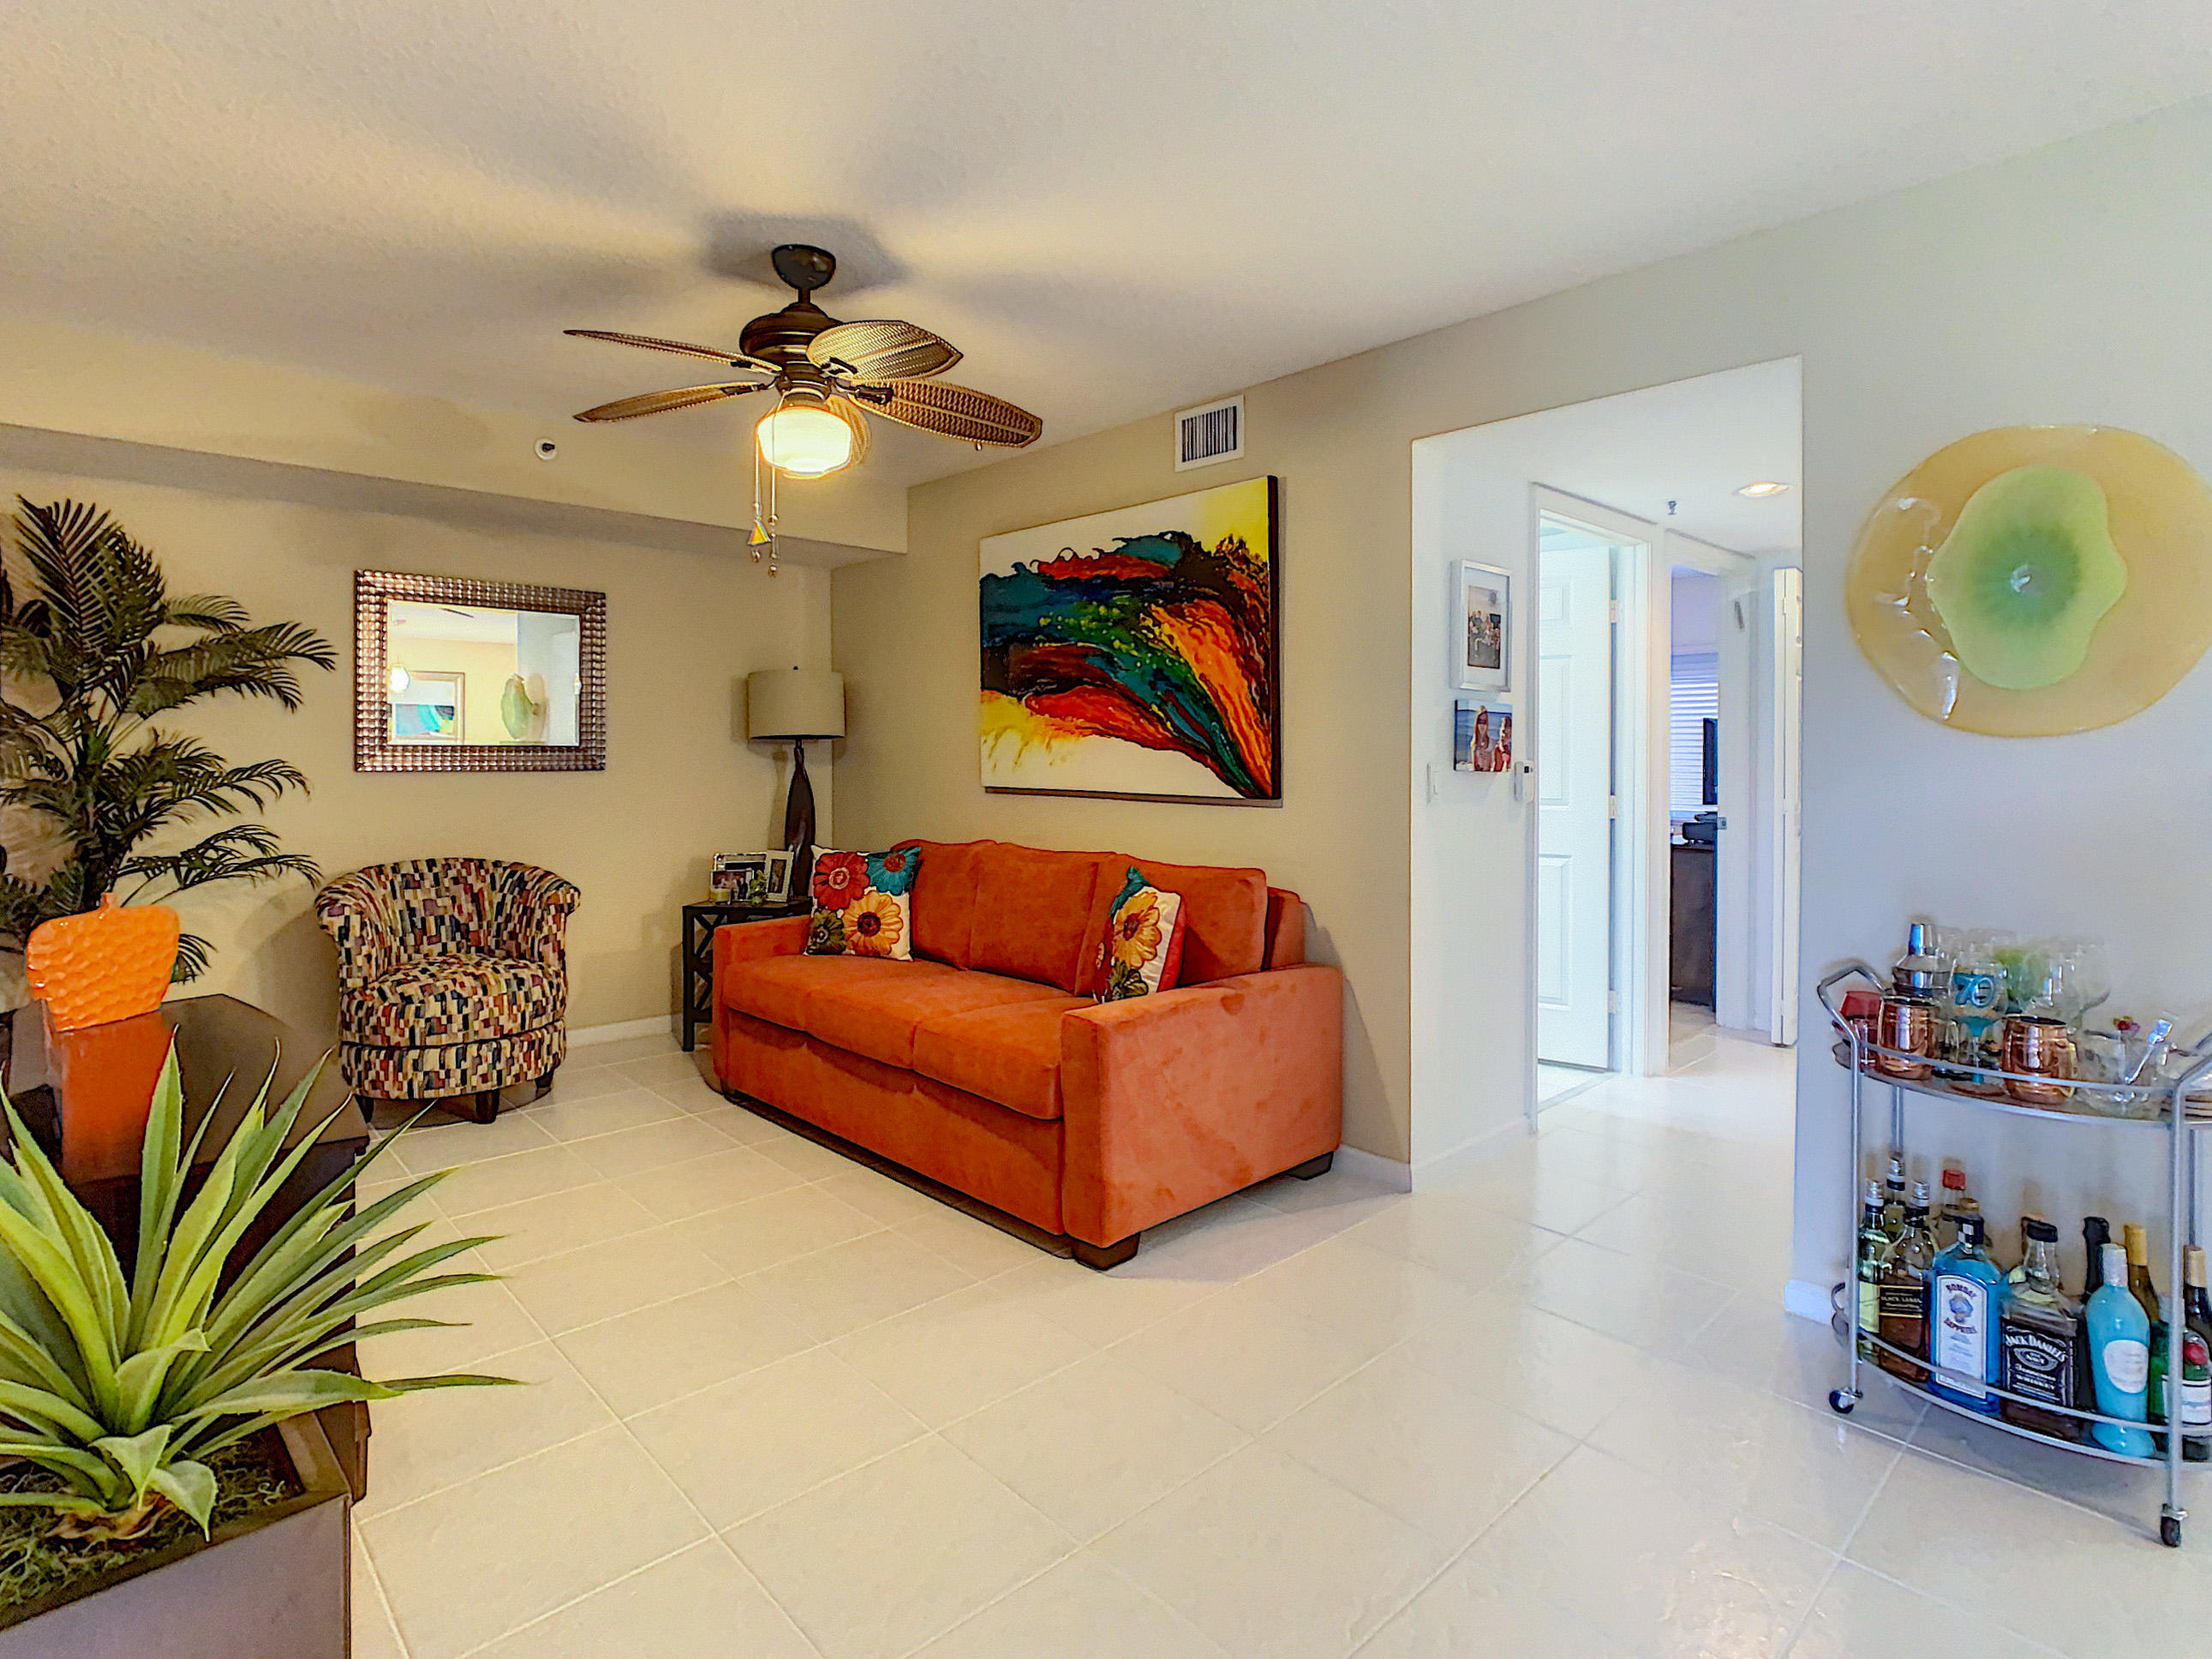 12547 Imperial Isle Drive 402 Boynton Beach, FL 33437 photo 28